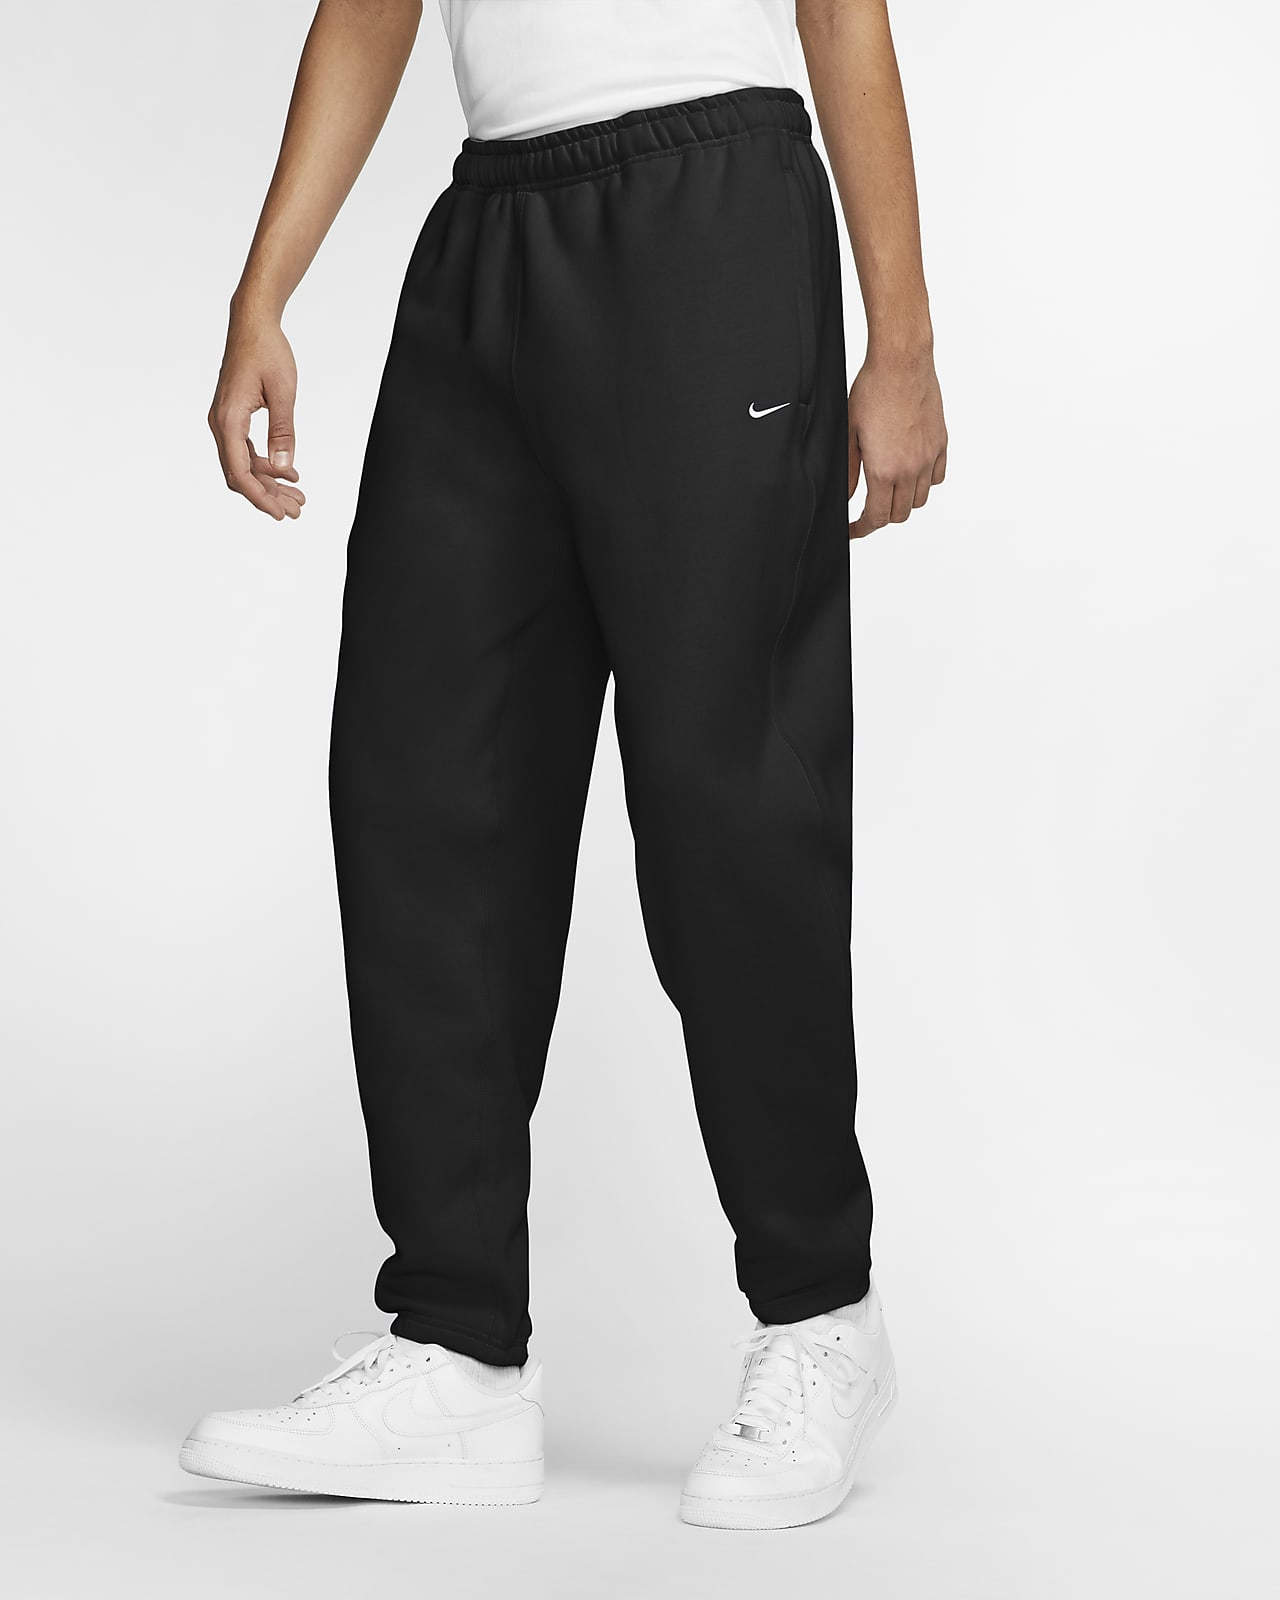 Pantalones de tejido Fleece NikeLab